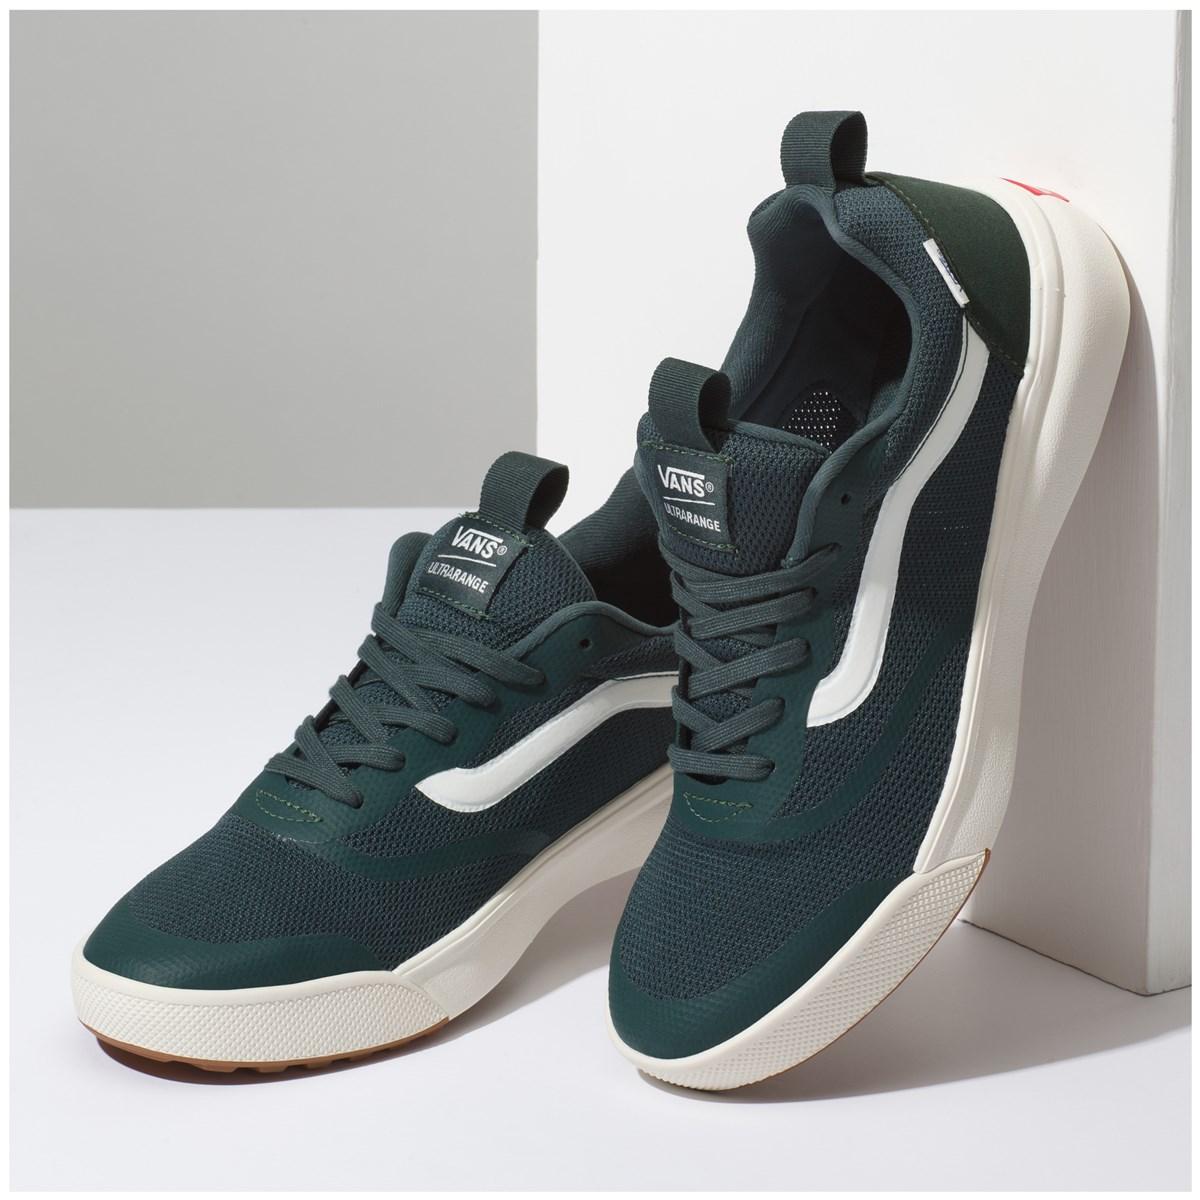 Men's Ultrarange Rapidweld Sneakers in Green